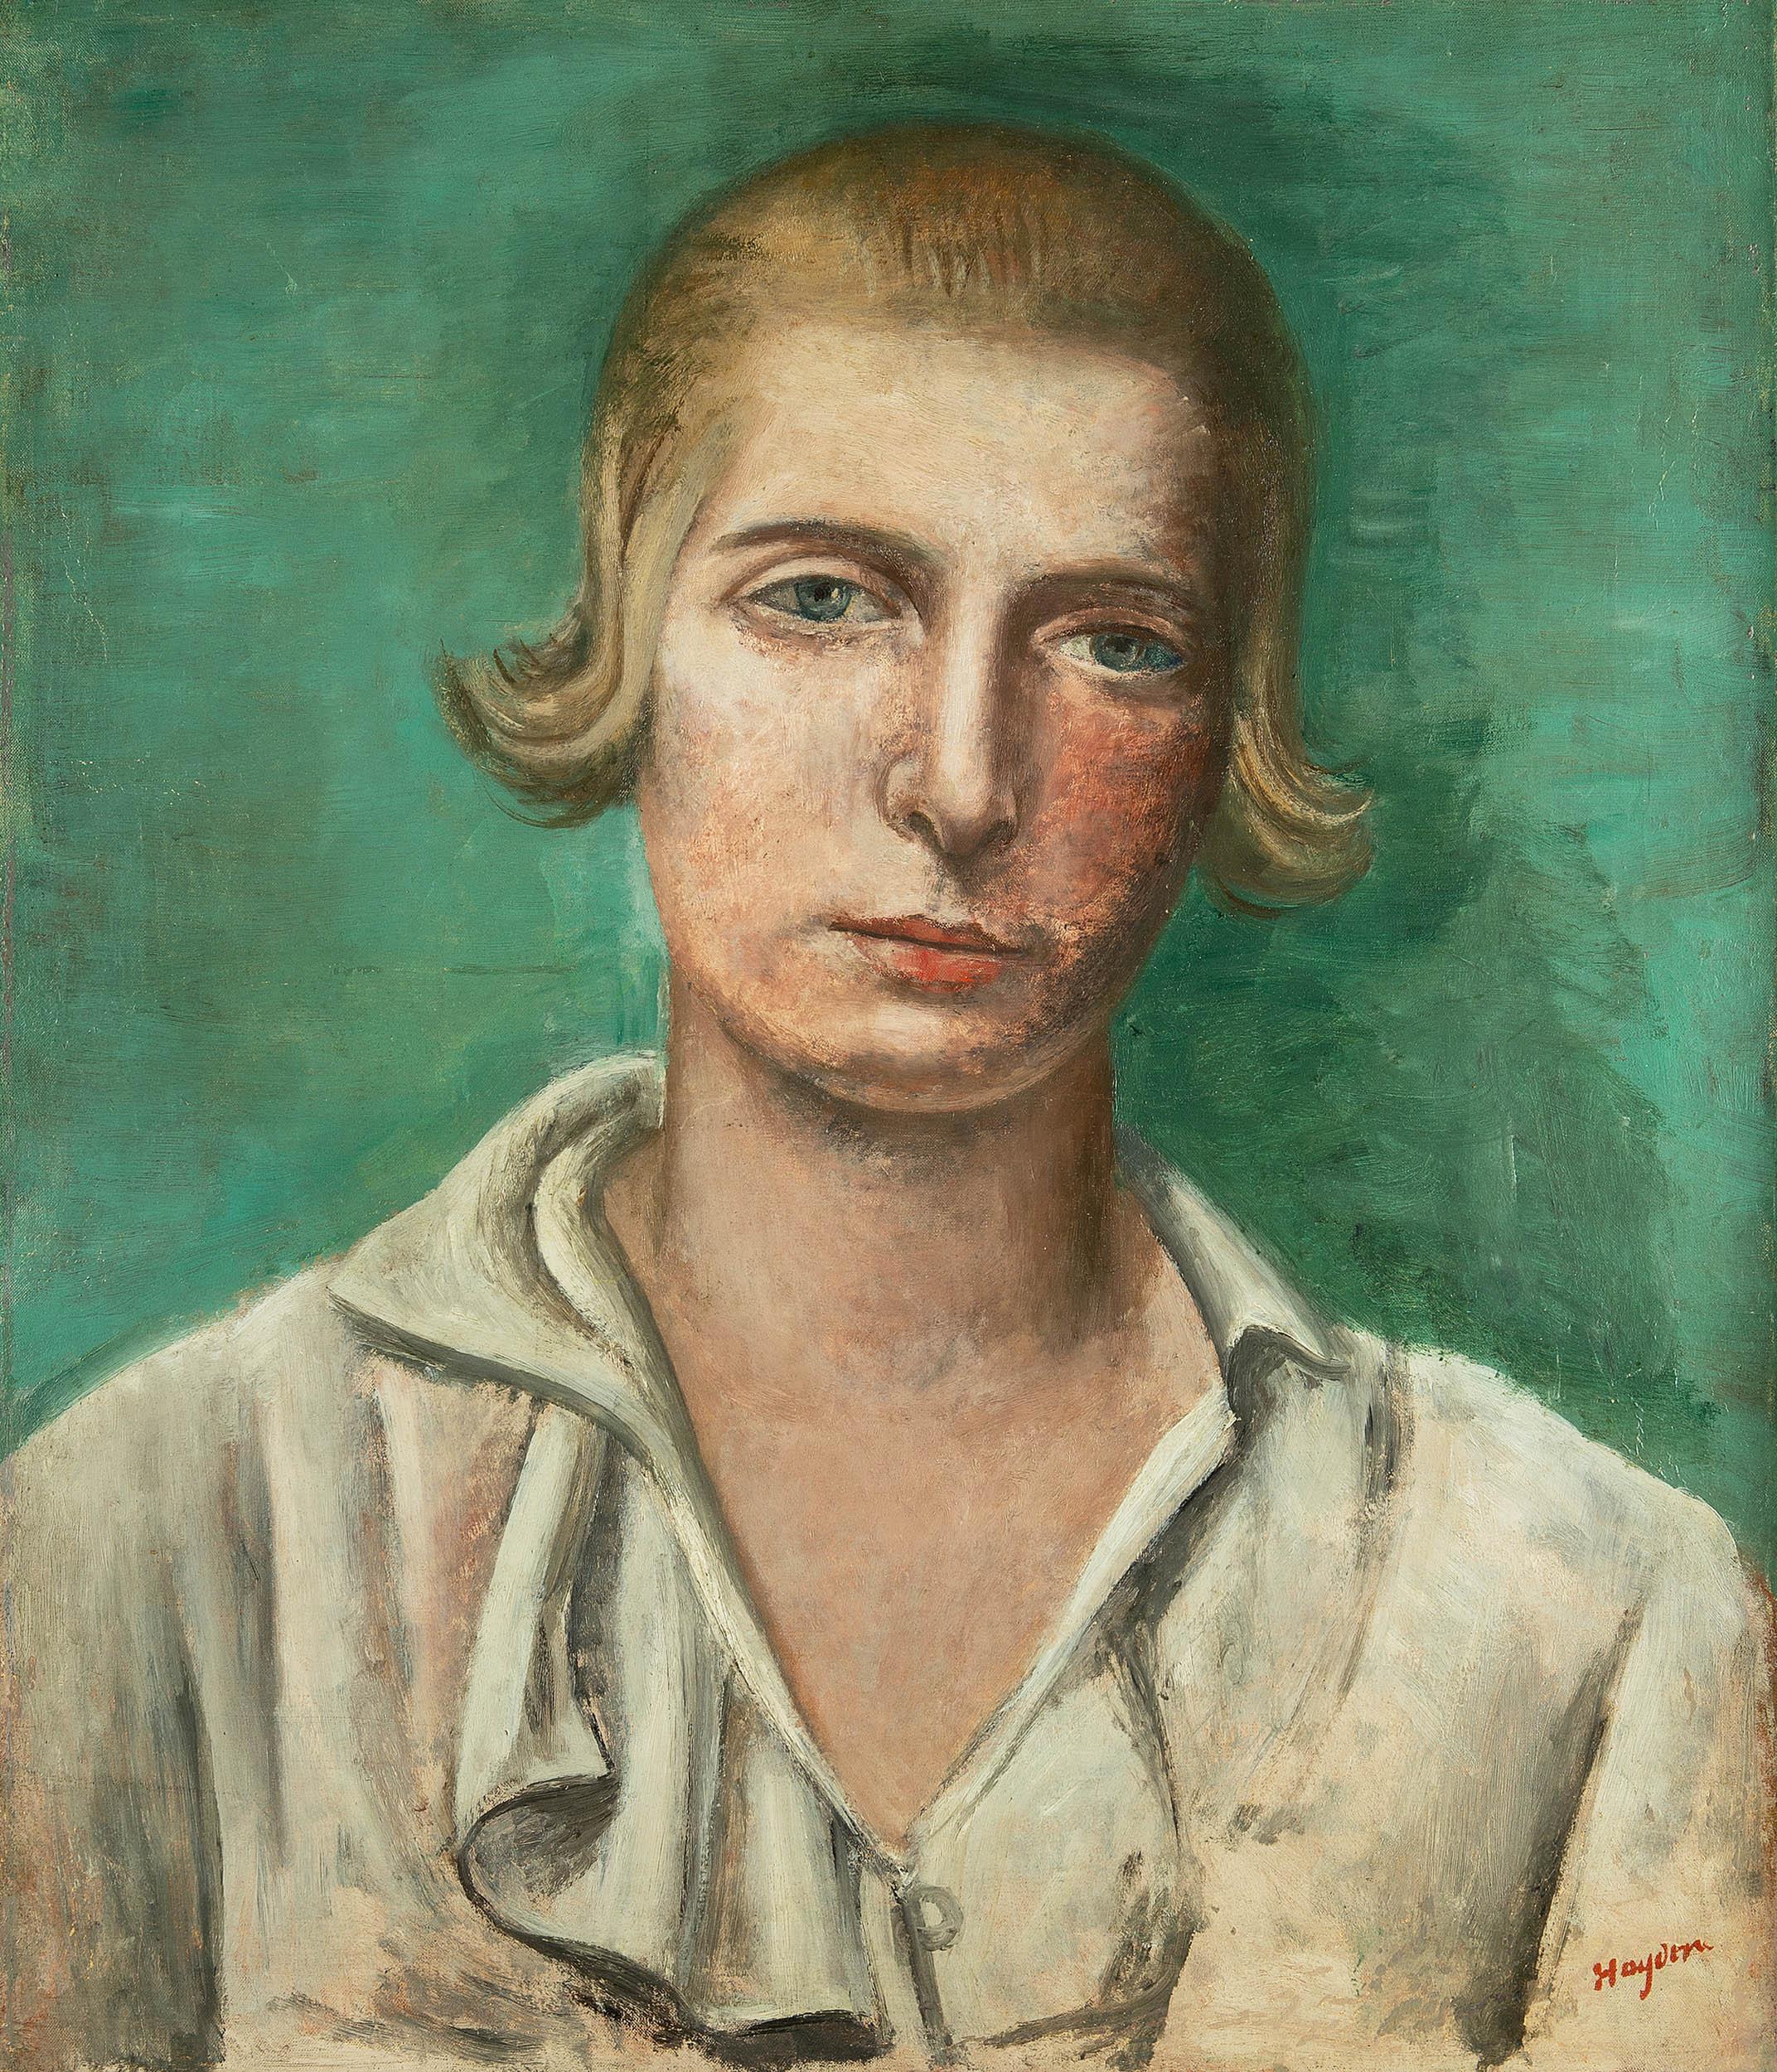 Portret Renee Hayden (pierwszej żony artysty), 1922 r.